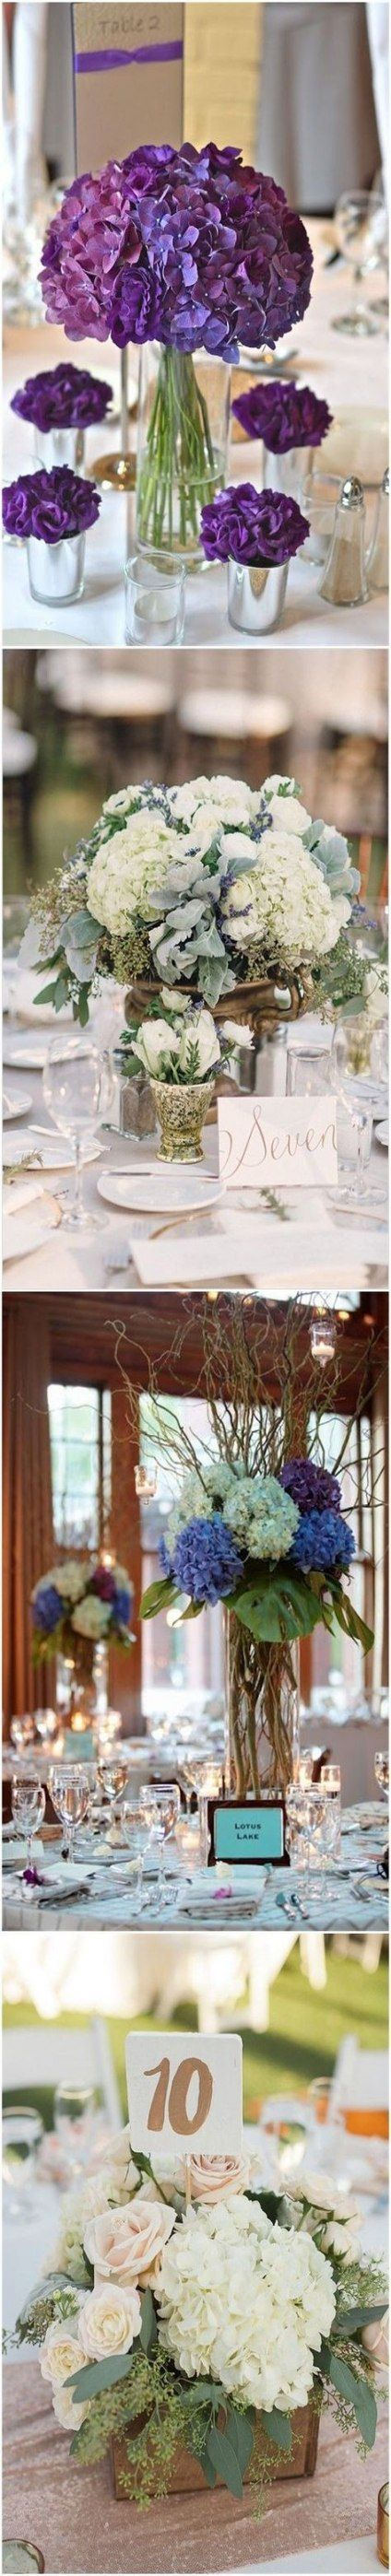 Wedding centerpieces diy hydrangea 32+ ideas Wedding centerpieces diy hydrangea 32+ ideas Wedding c